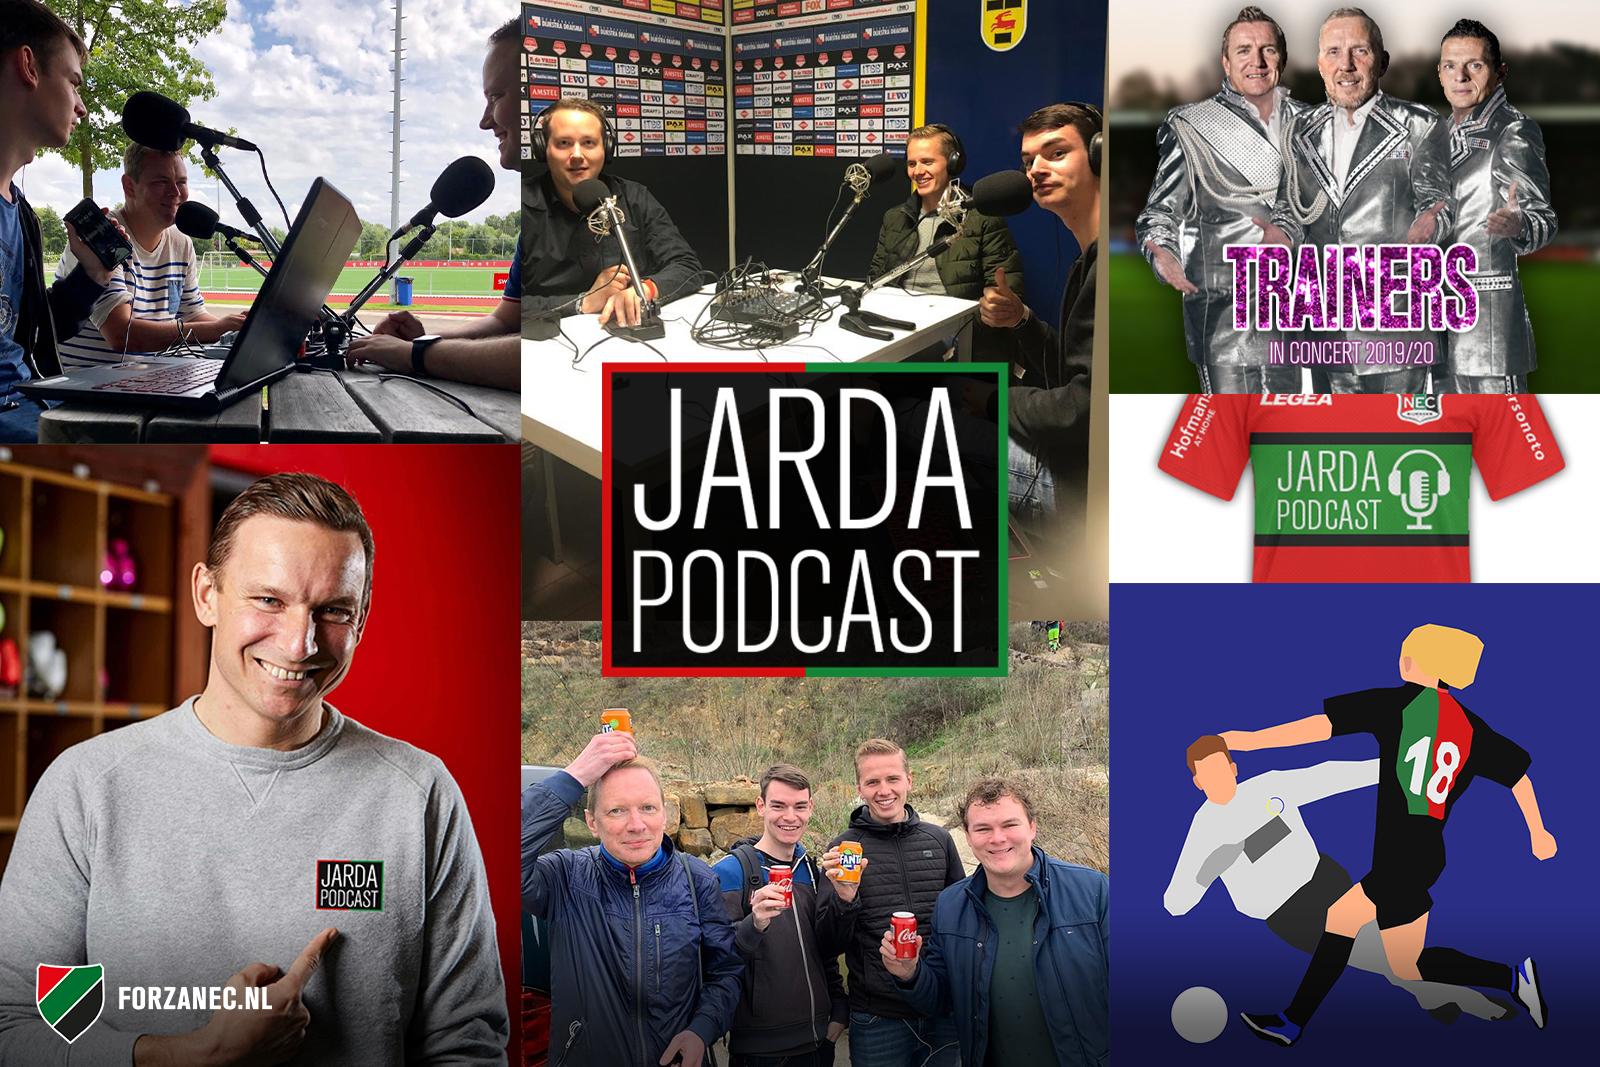 Jarda Podcast #50: Herinneringen ophalen en luisteraars aan het woord